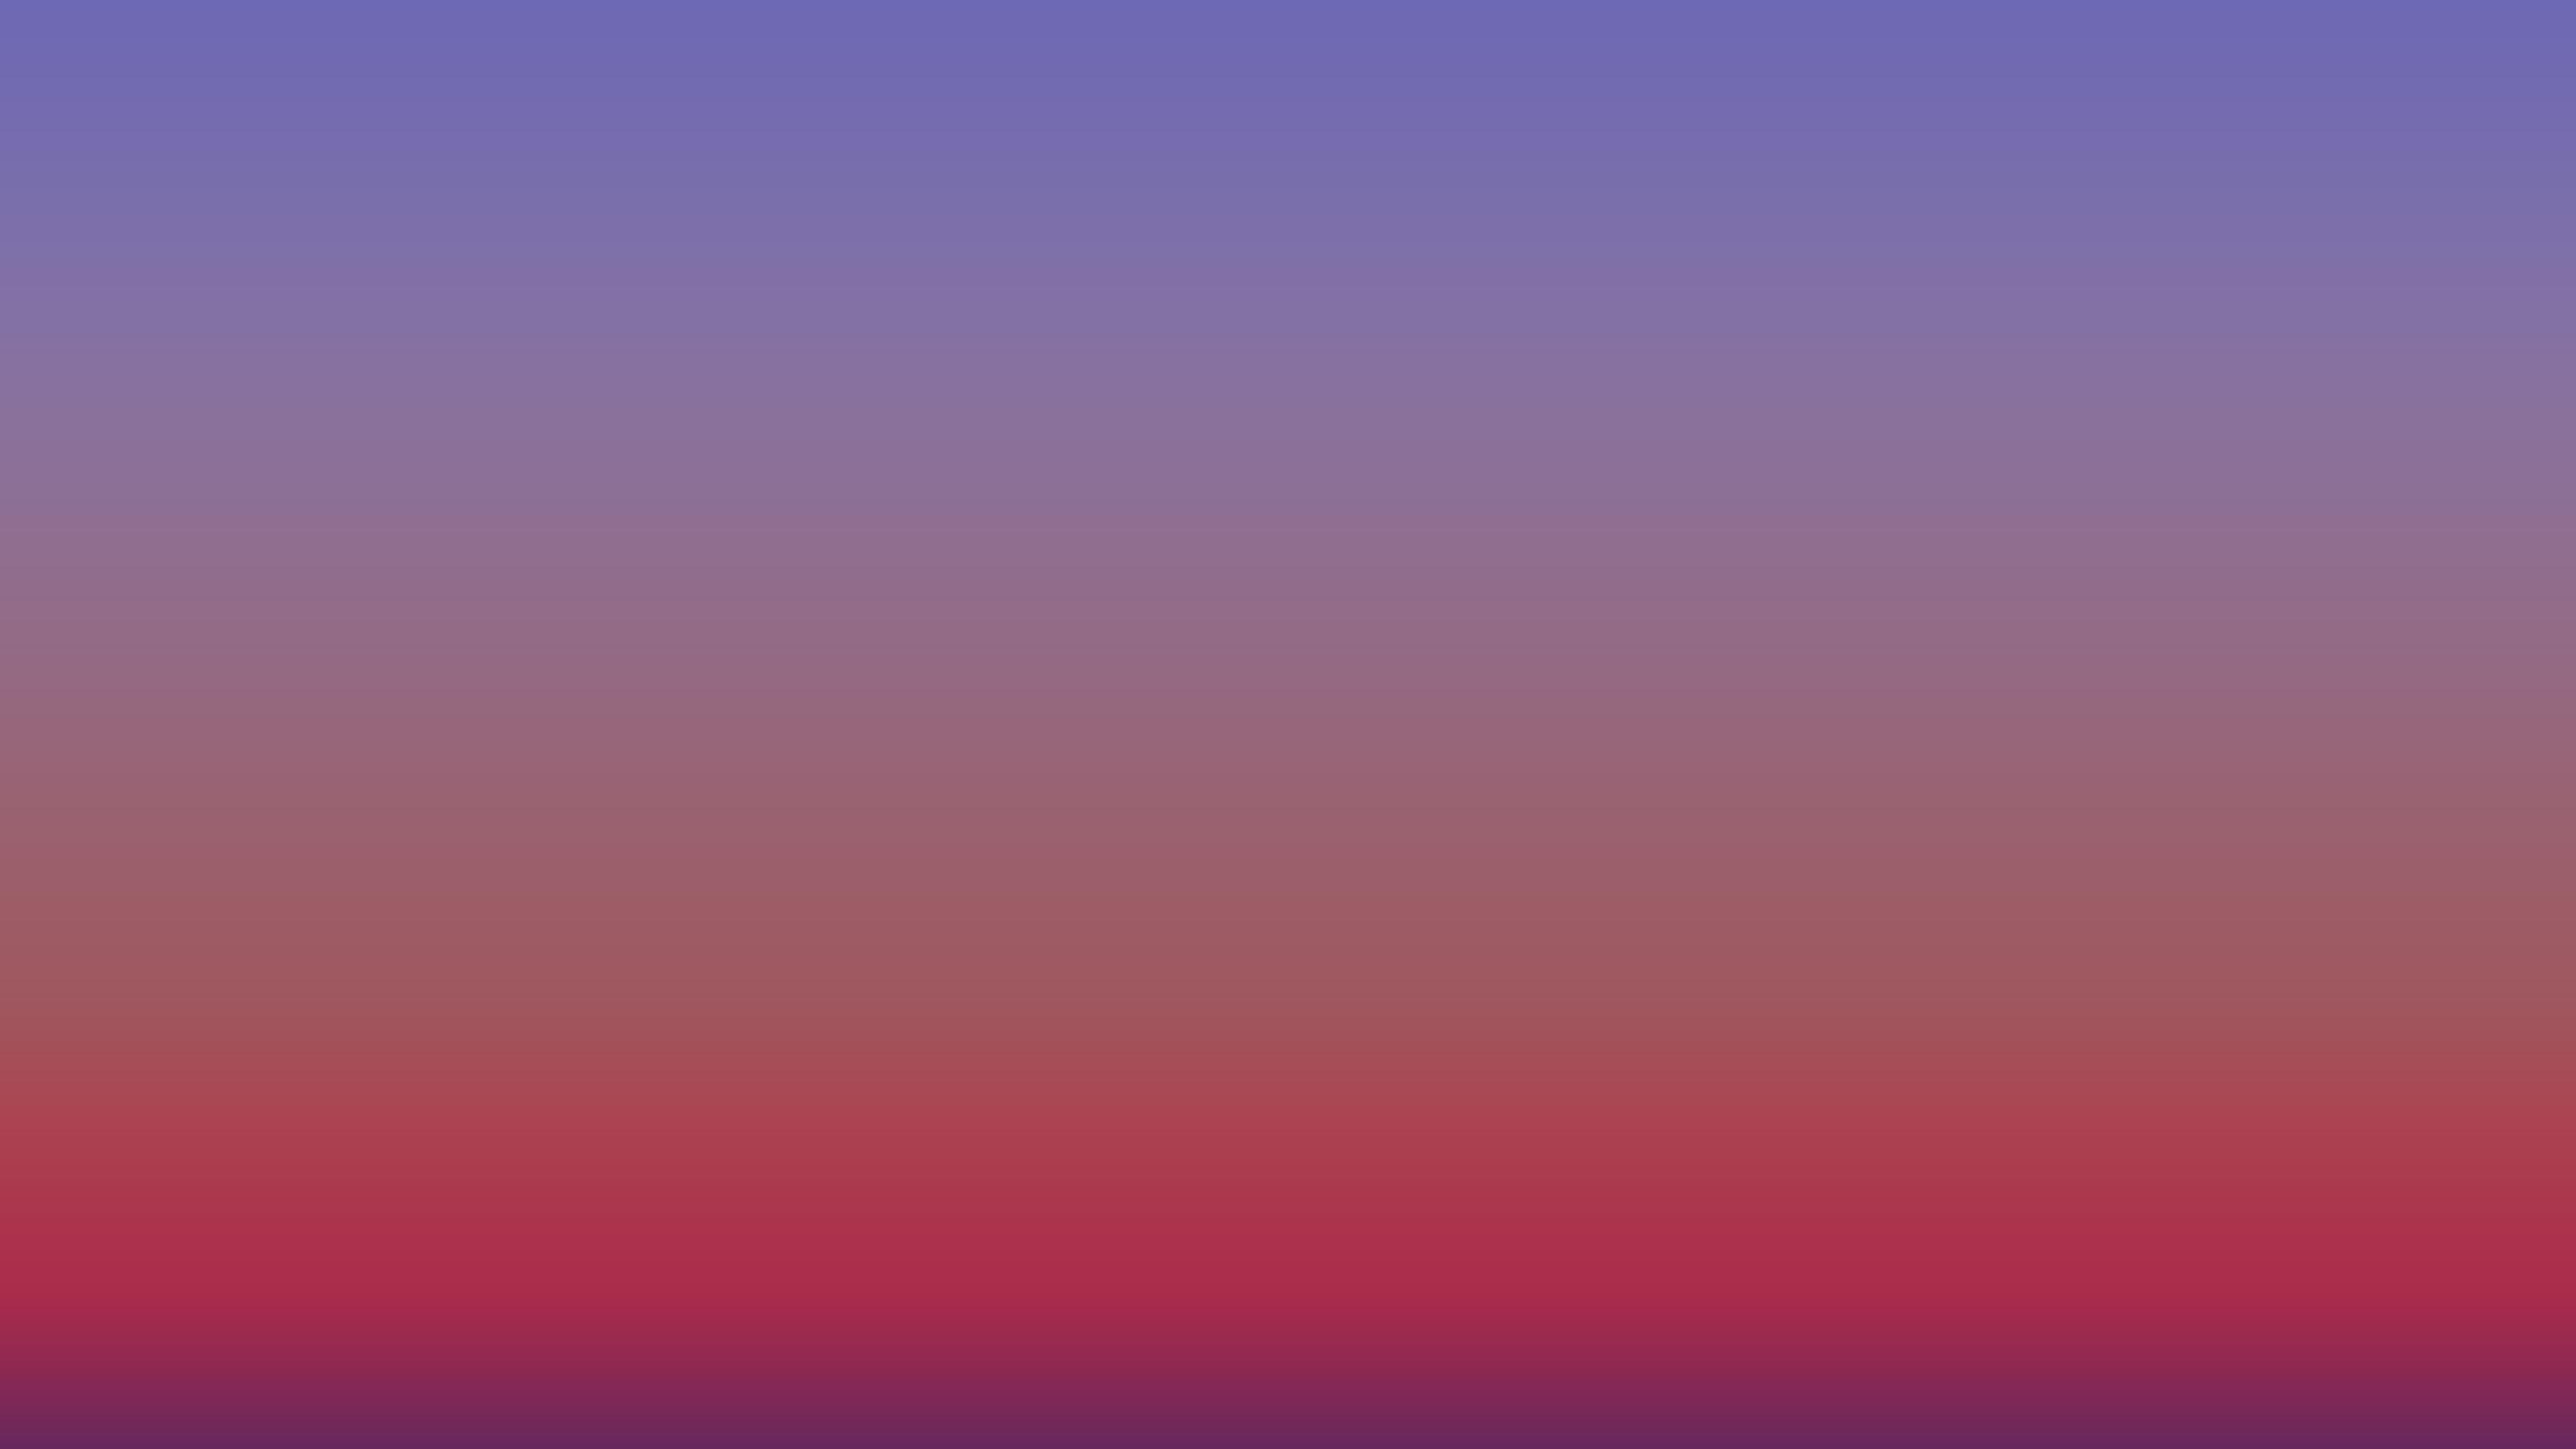 Sfondi Pendenza Minimalismo Semplice Sfondo Rosso 3840x2160